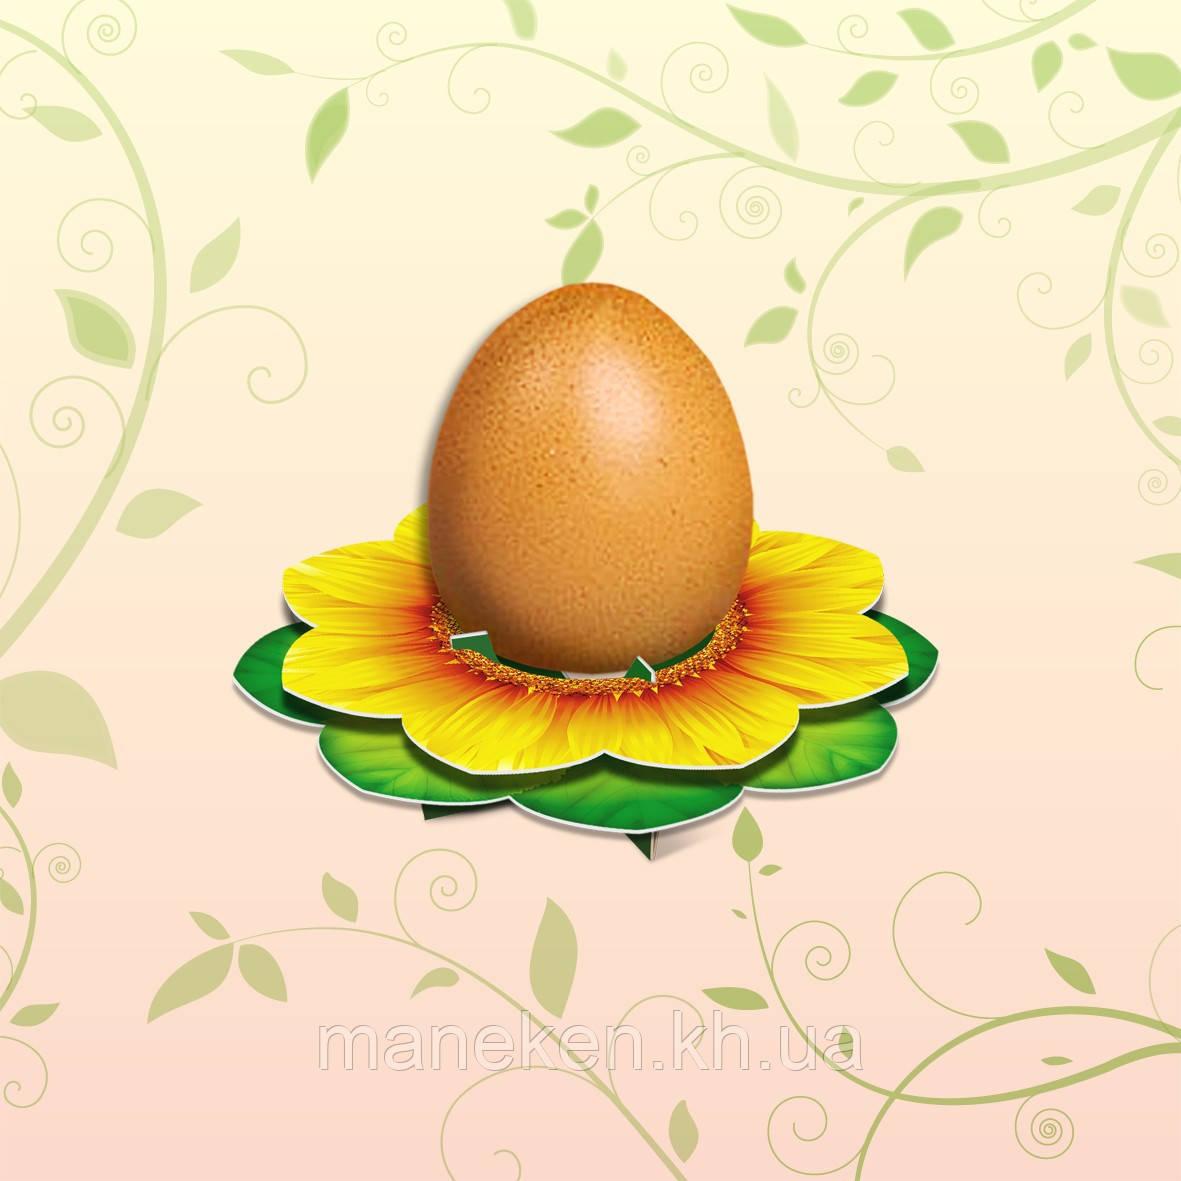 """Декоративна підставка для яєць №1 """"Соняшник"""" (1 яйце) (1 шт)"""